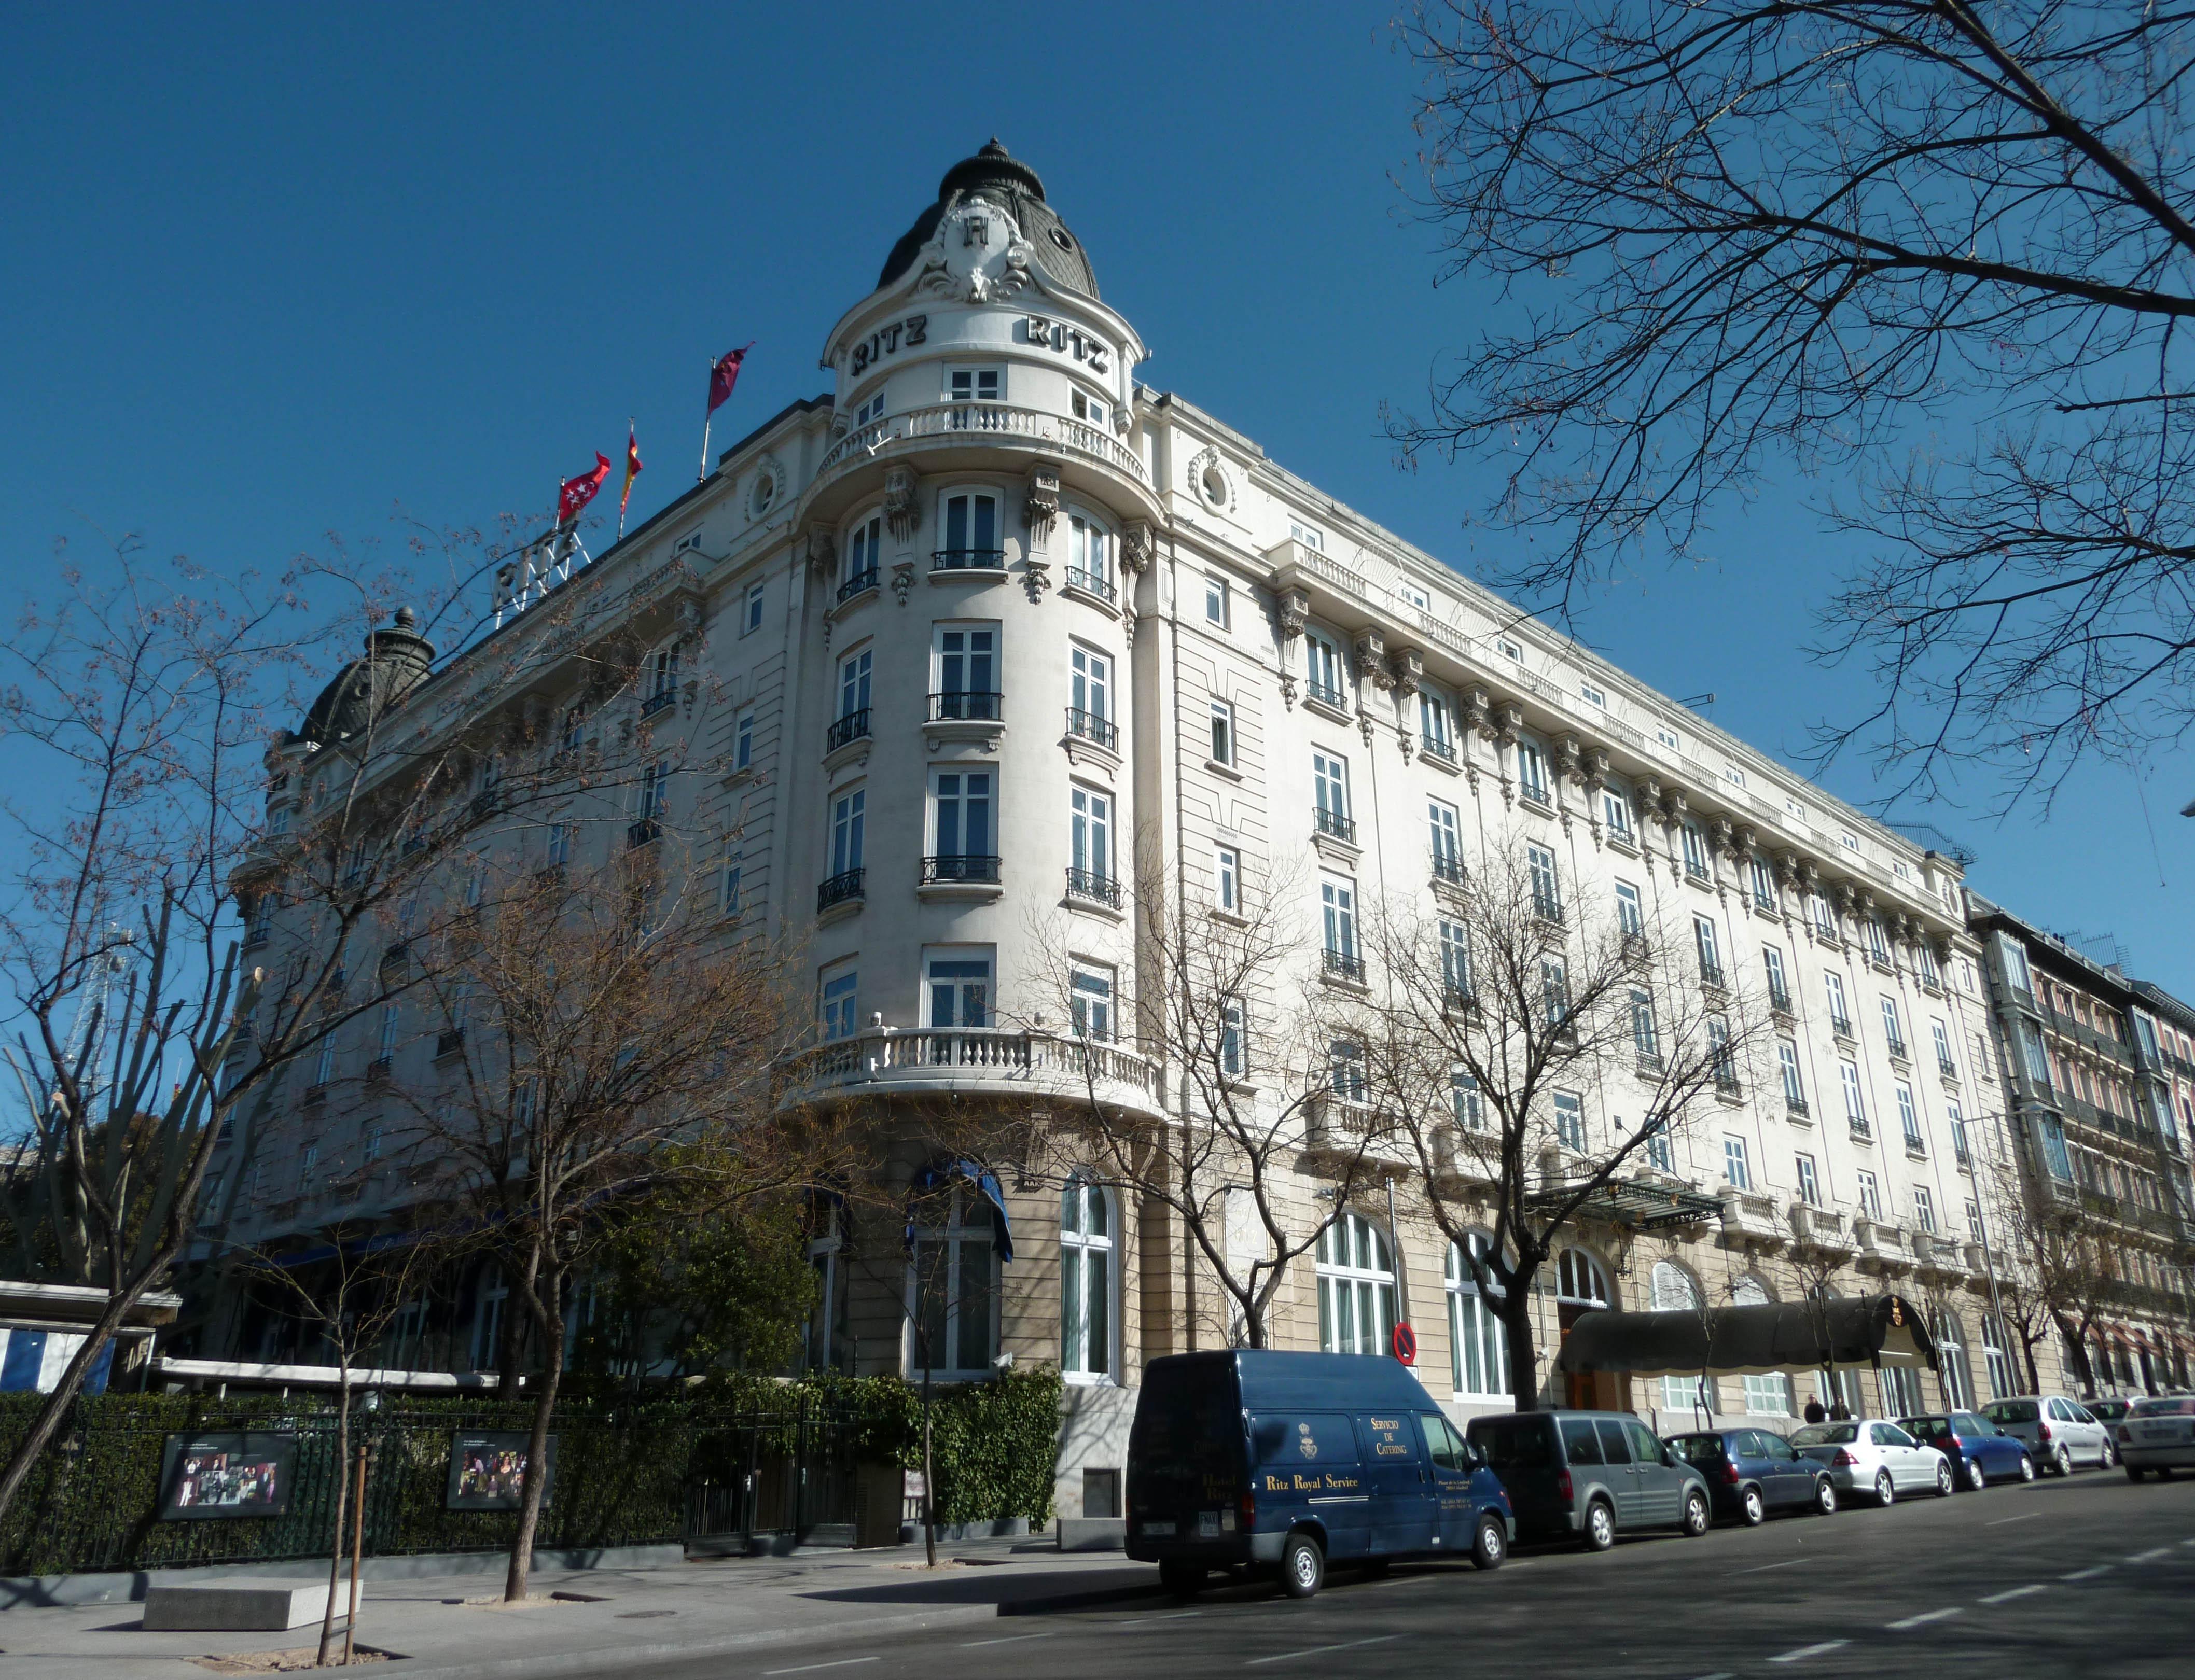 La inversión inmobiliaria en España se dispara: venta del hotel Ritz de Mdrid